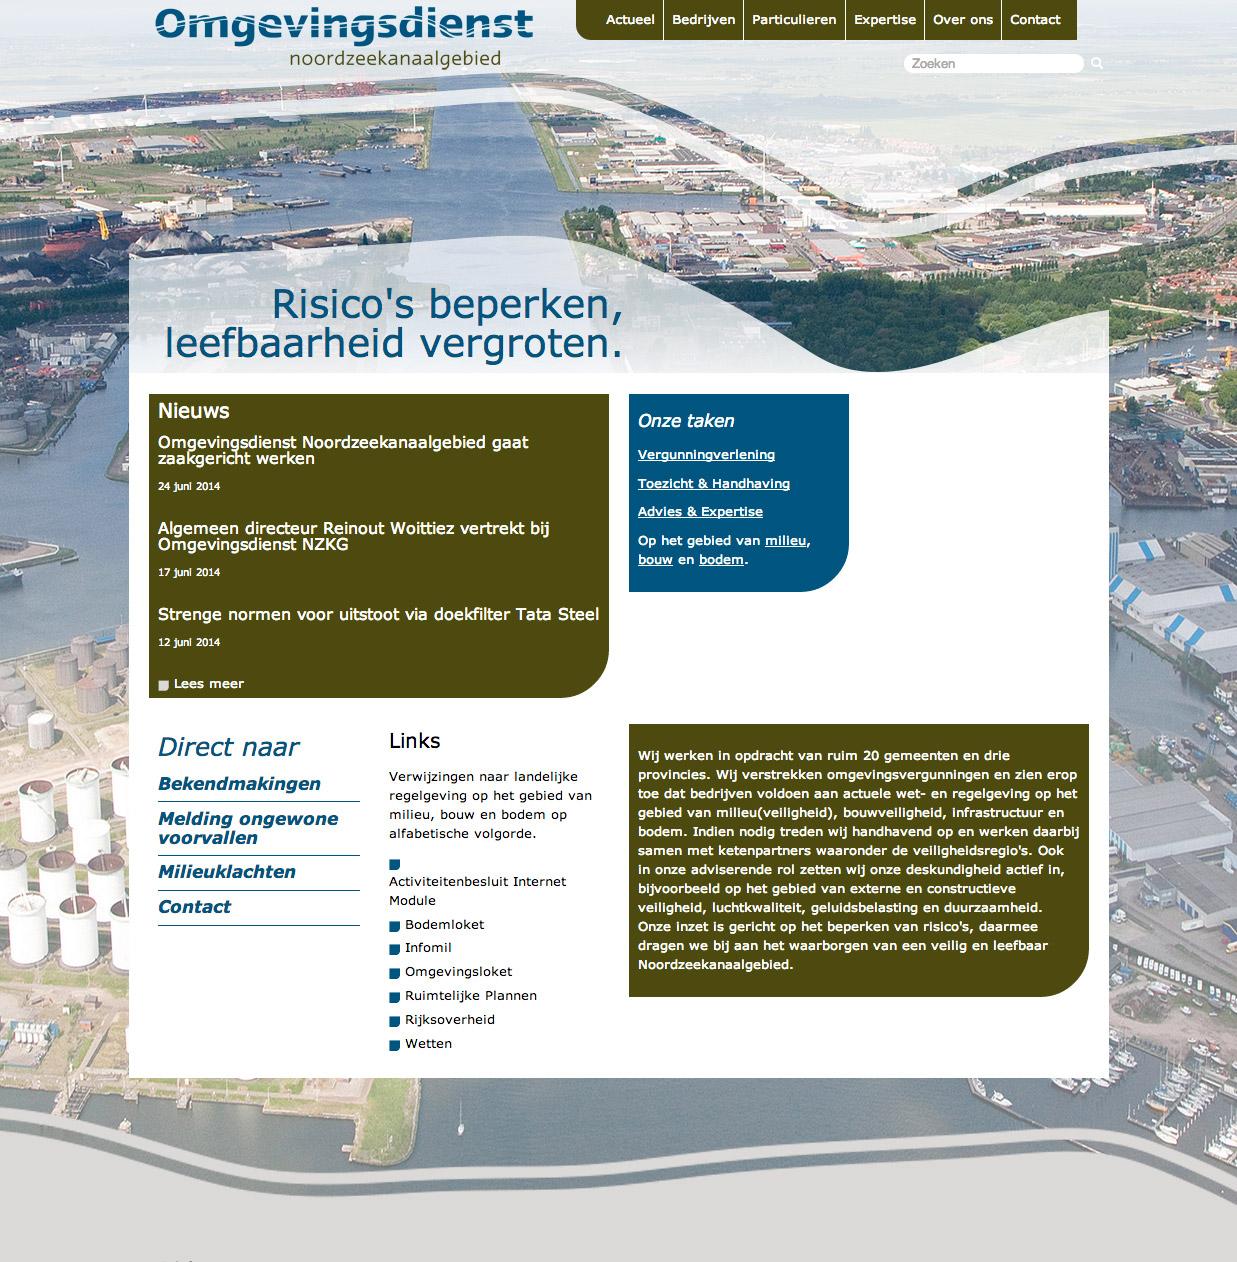 Omgevingsdienst Noordzeekanaalgebied webdesign homepage